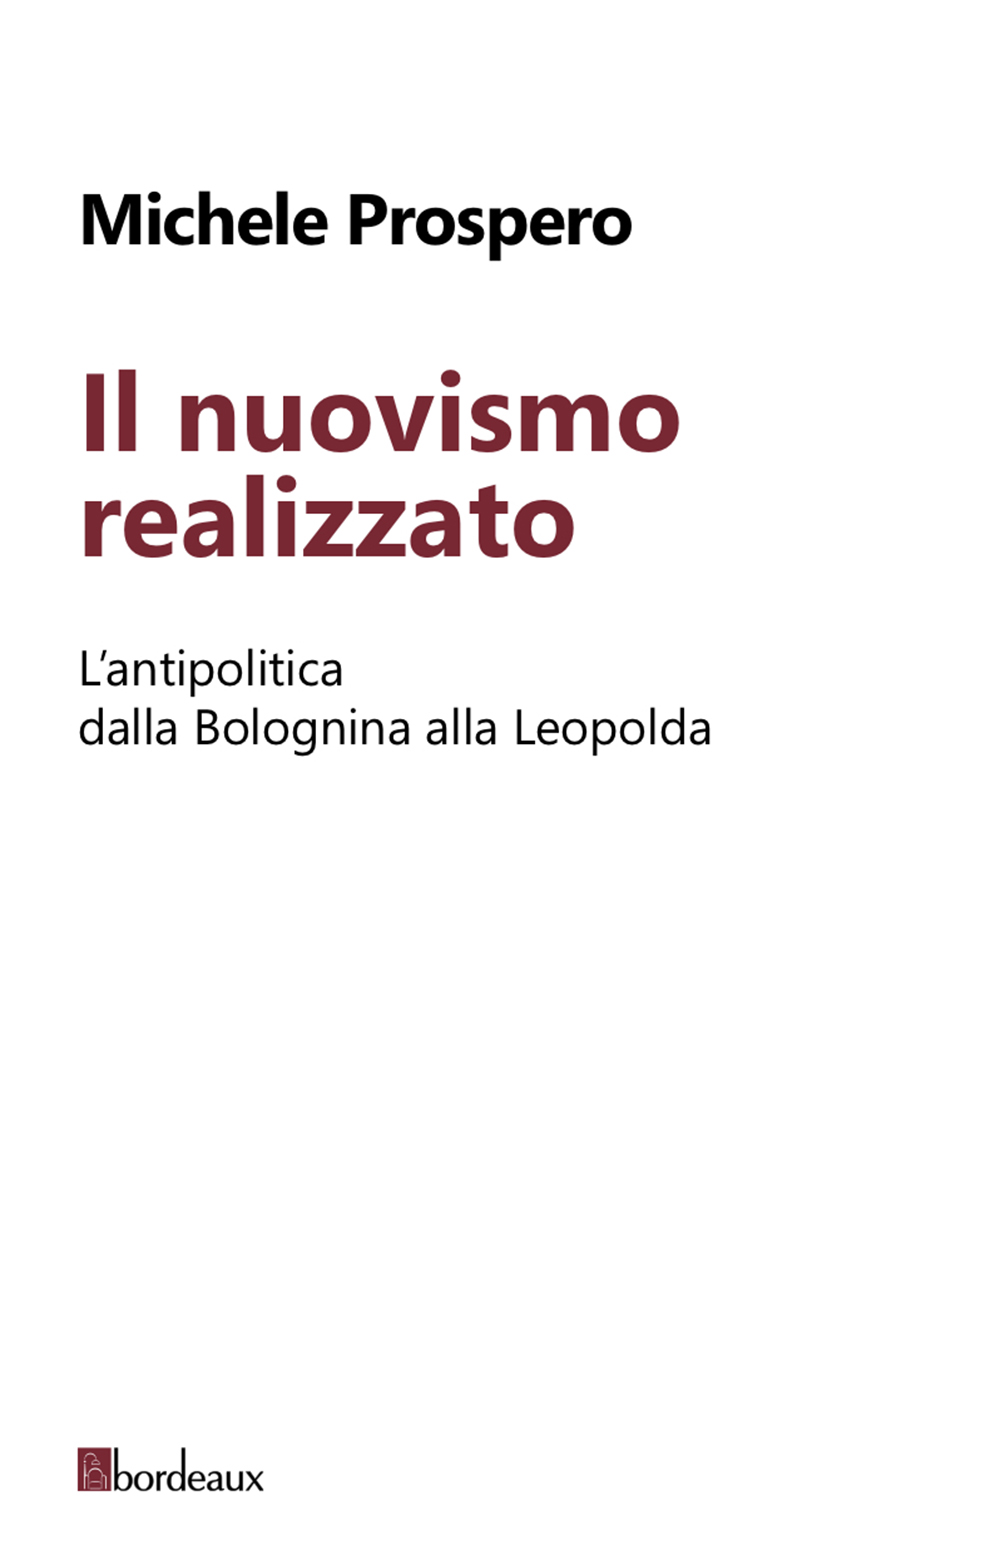 """13 maggio. """"Il nuovismo realizzato"""" di Michele Prospero"""